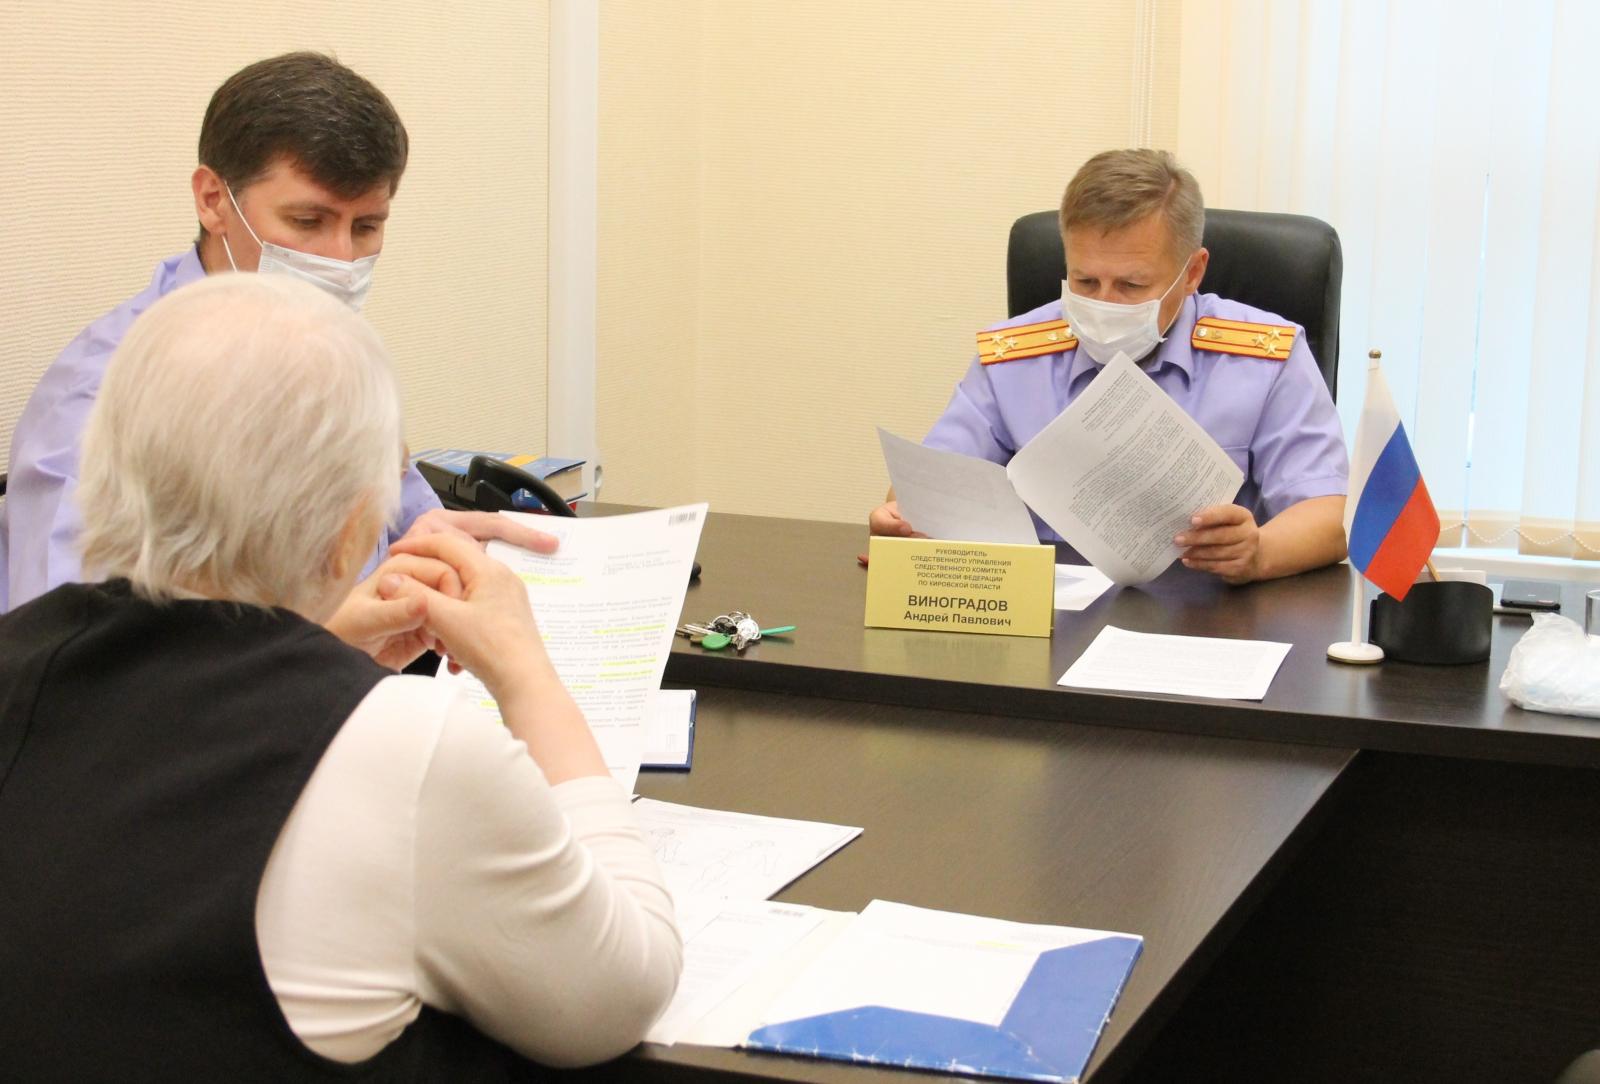 Руководитель Брянского СК проведет выездной прием в Новозыбкове